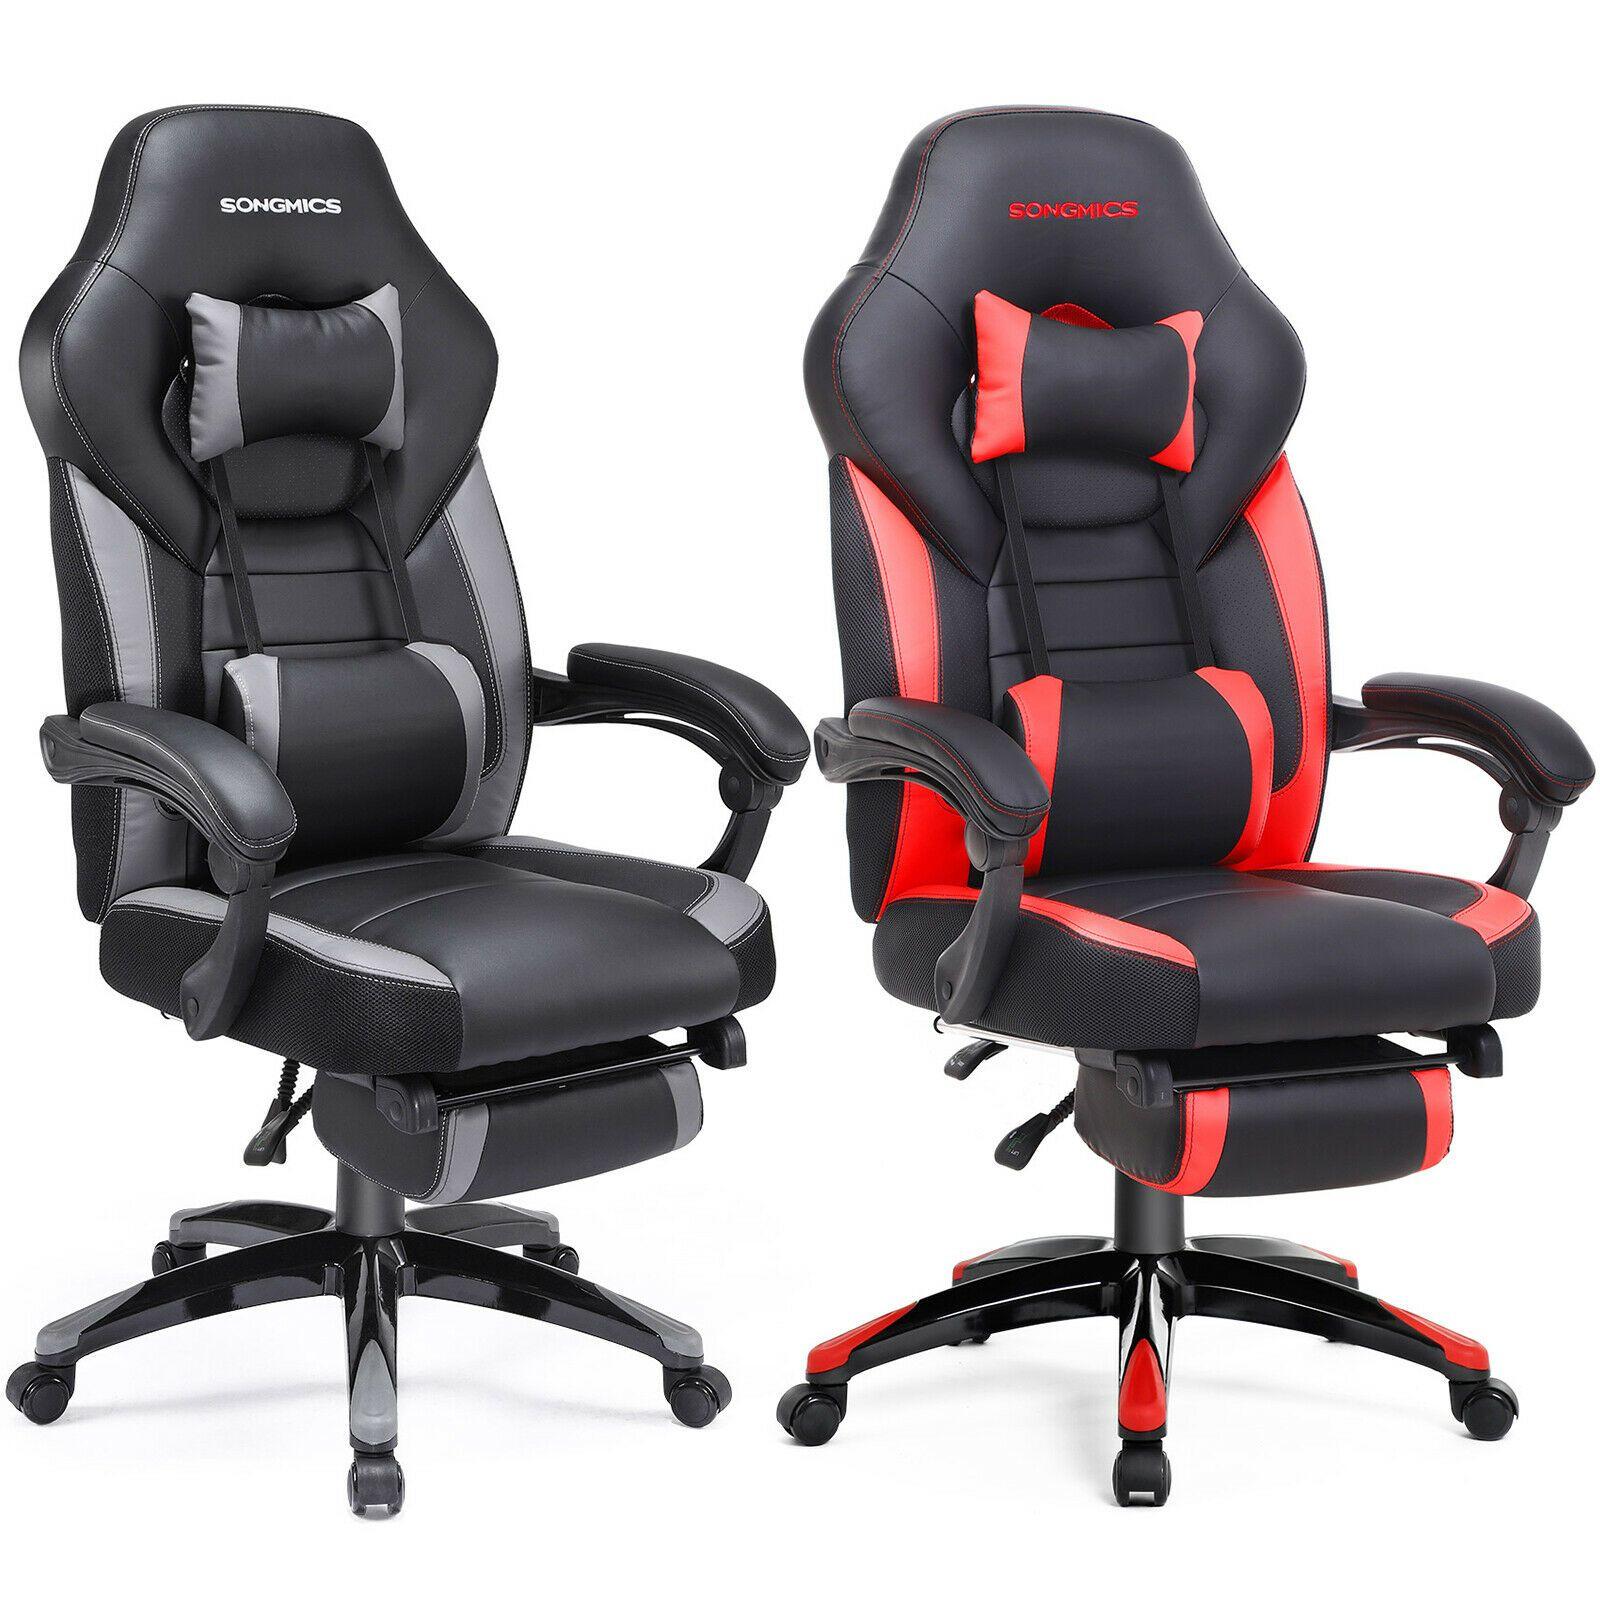 Burostuhl Gamingstuhl Schreibtischstuhl Chefsessel Mit Fussstutze Mit Kopfstutze Ebay In 2020 Schreibtischstuhl Burostuhl Fussstutze